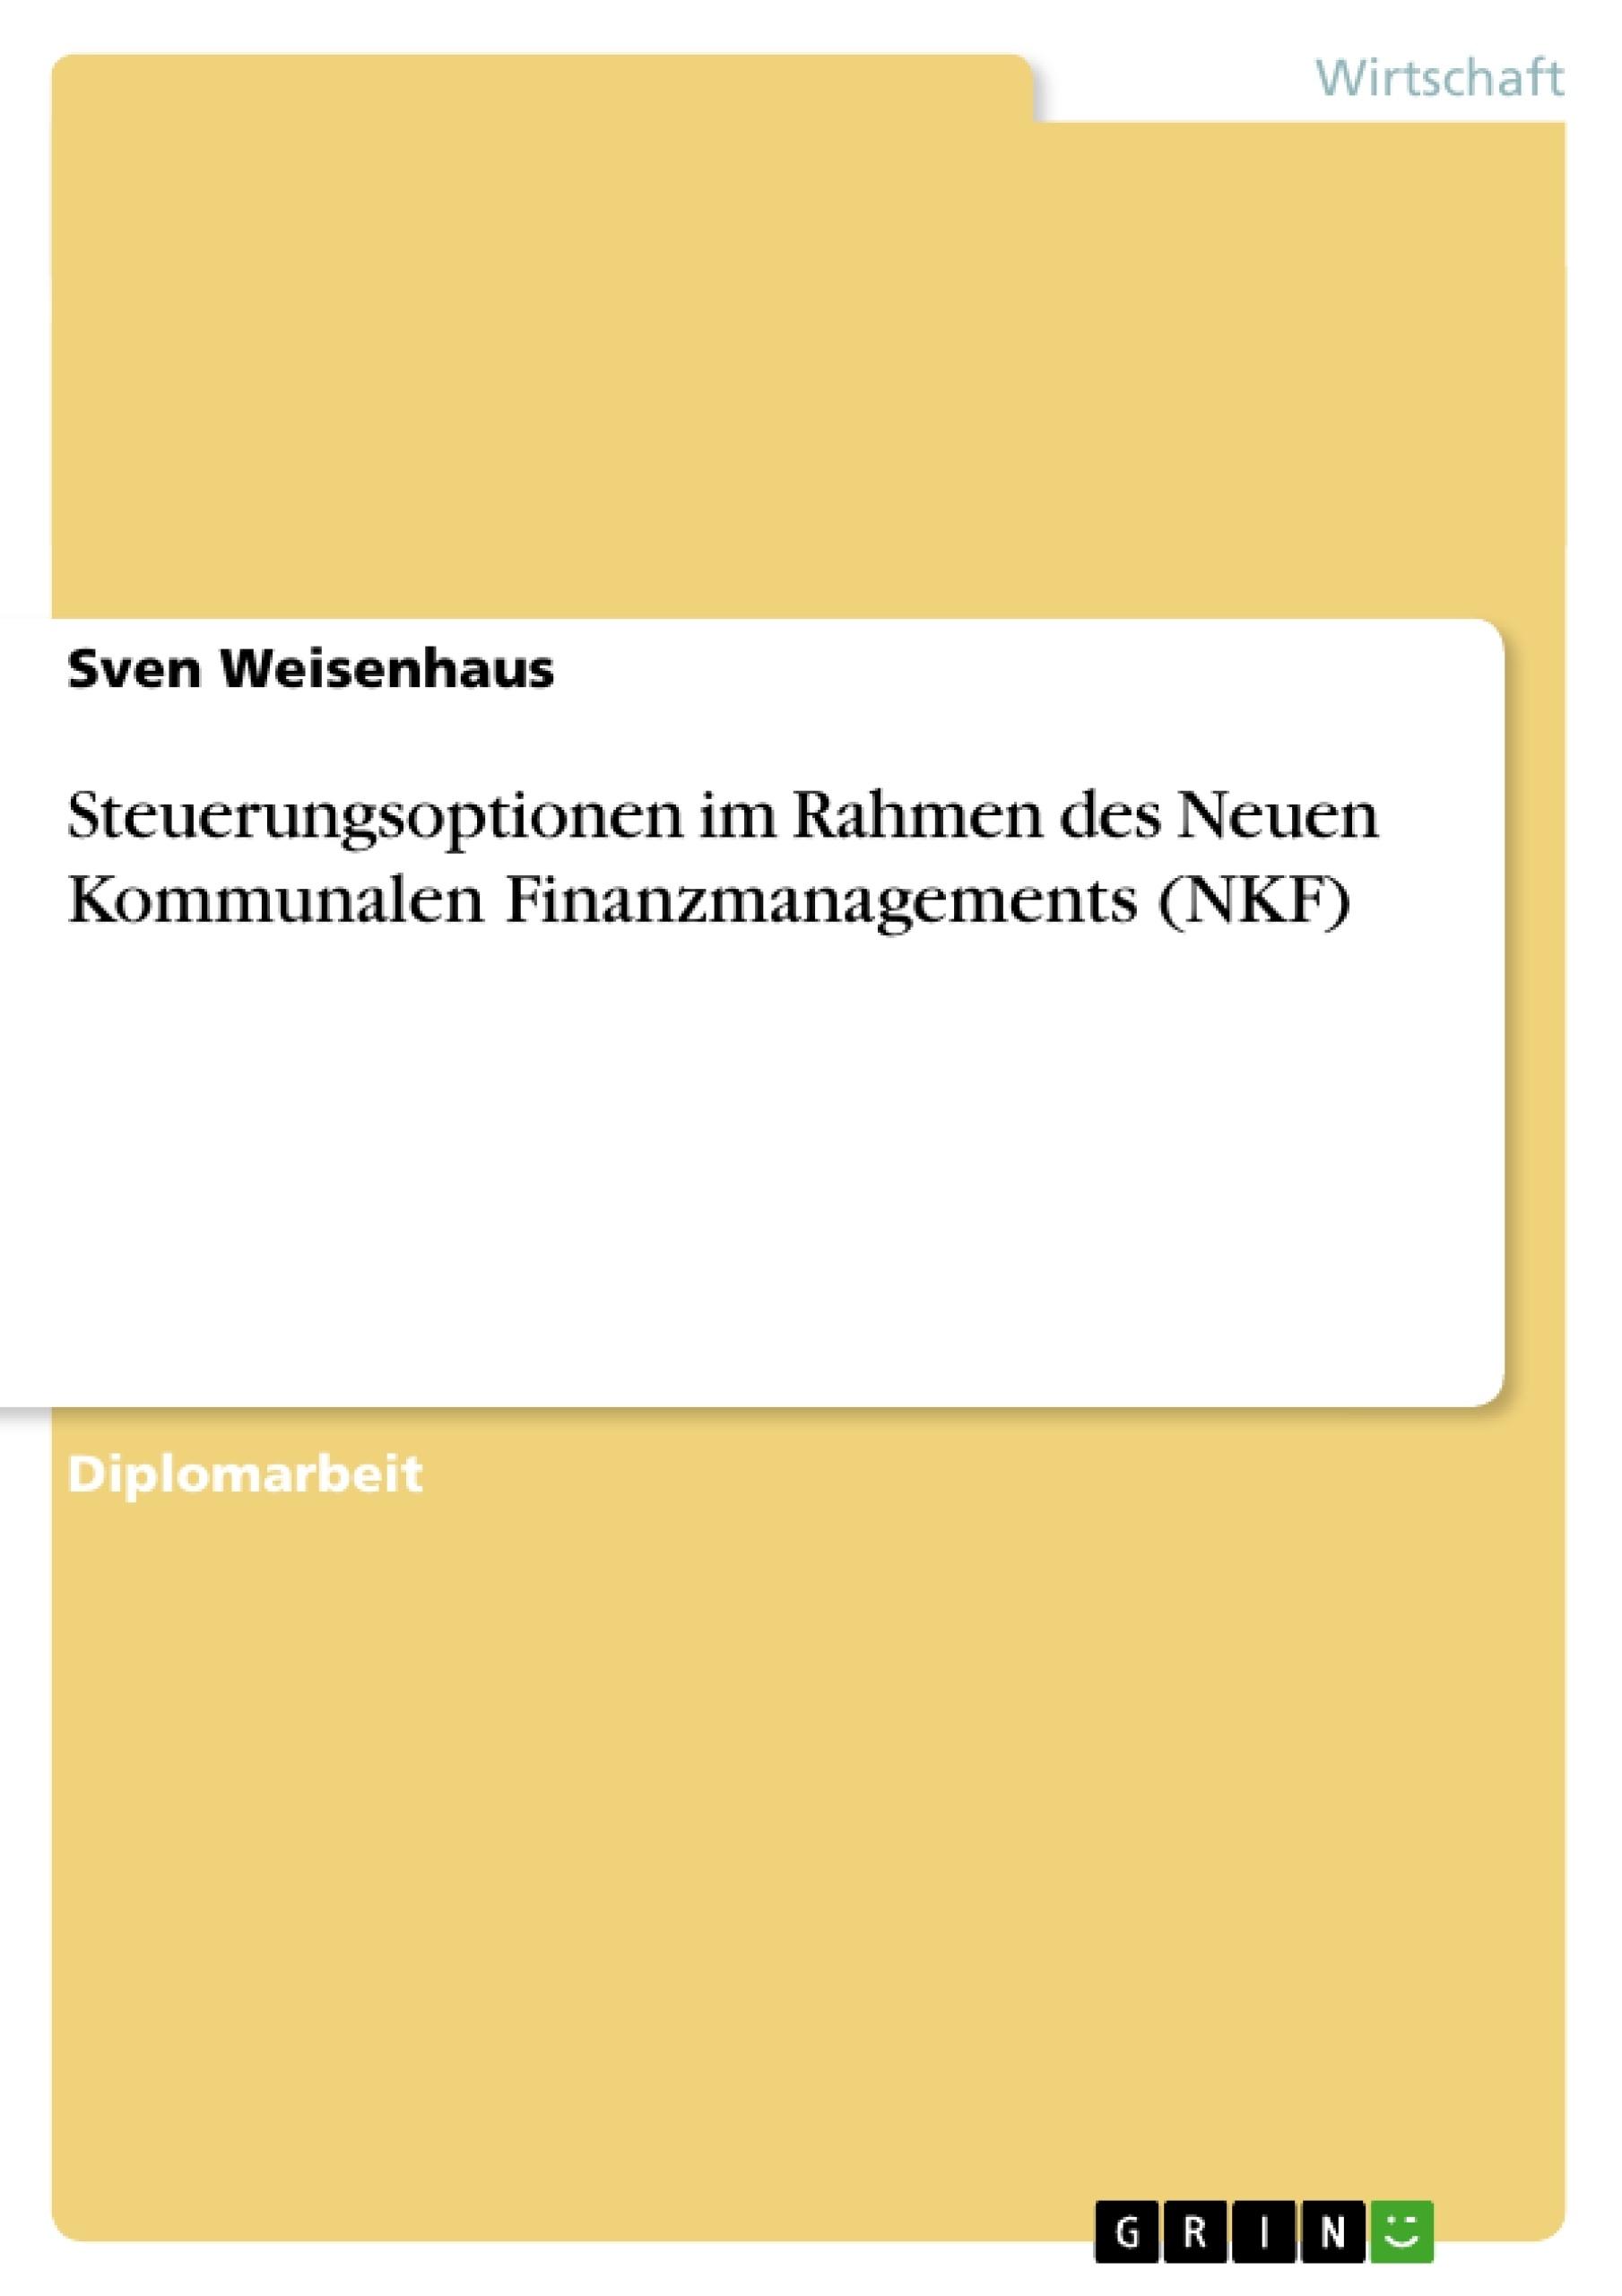 Titel: Steuerungsoptionen im Rahmen des Neuen Kommunalen Finanzmanagements (NKF)